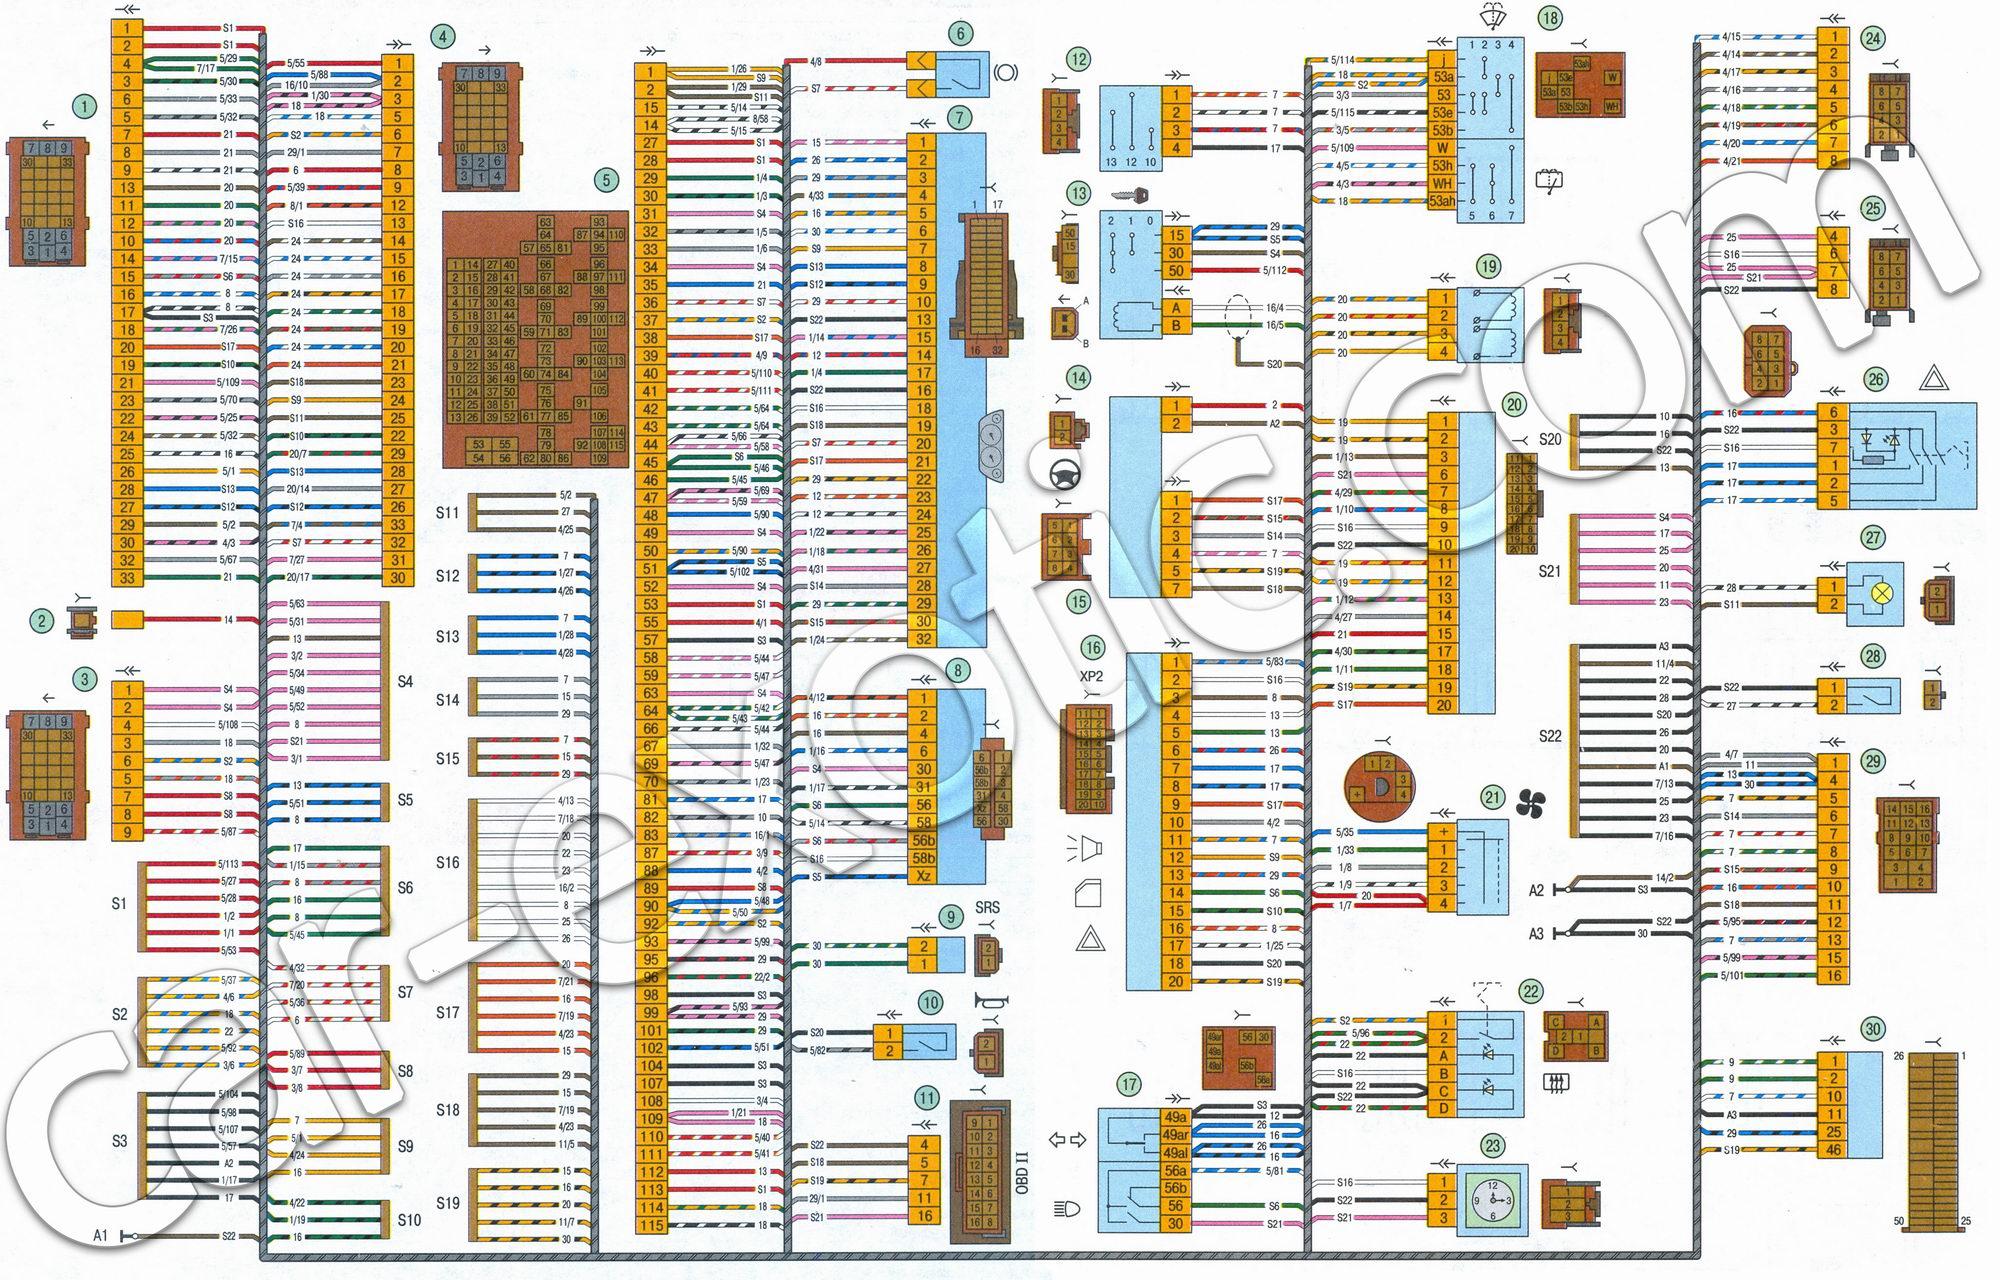 h схемы электрооборудования автомобиля лада приора